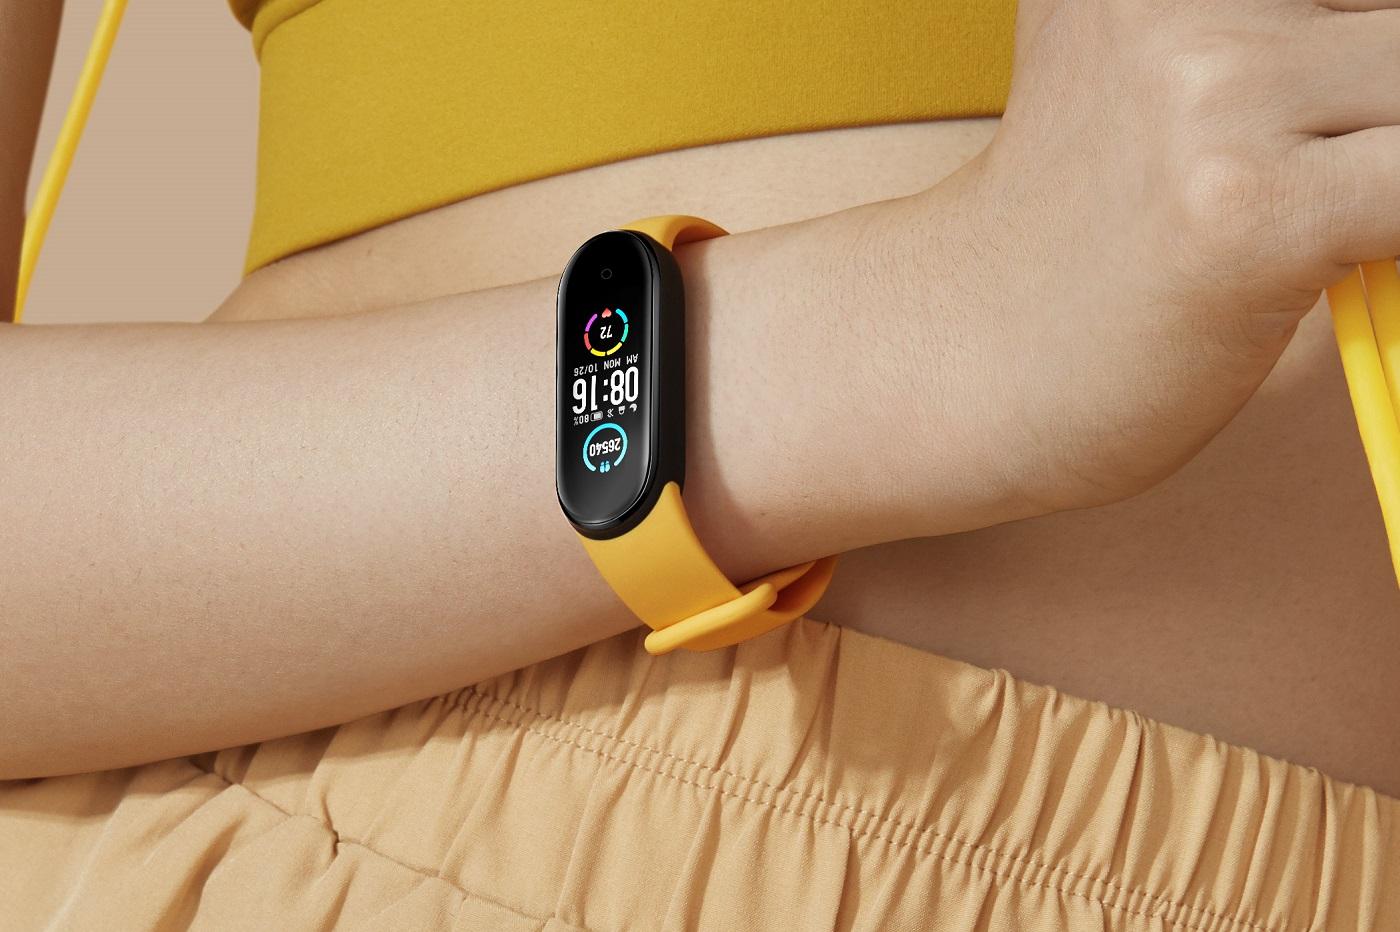 Le nouveau bracelet fitness de Xiaomi